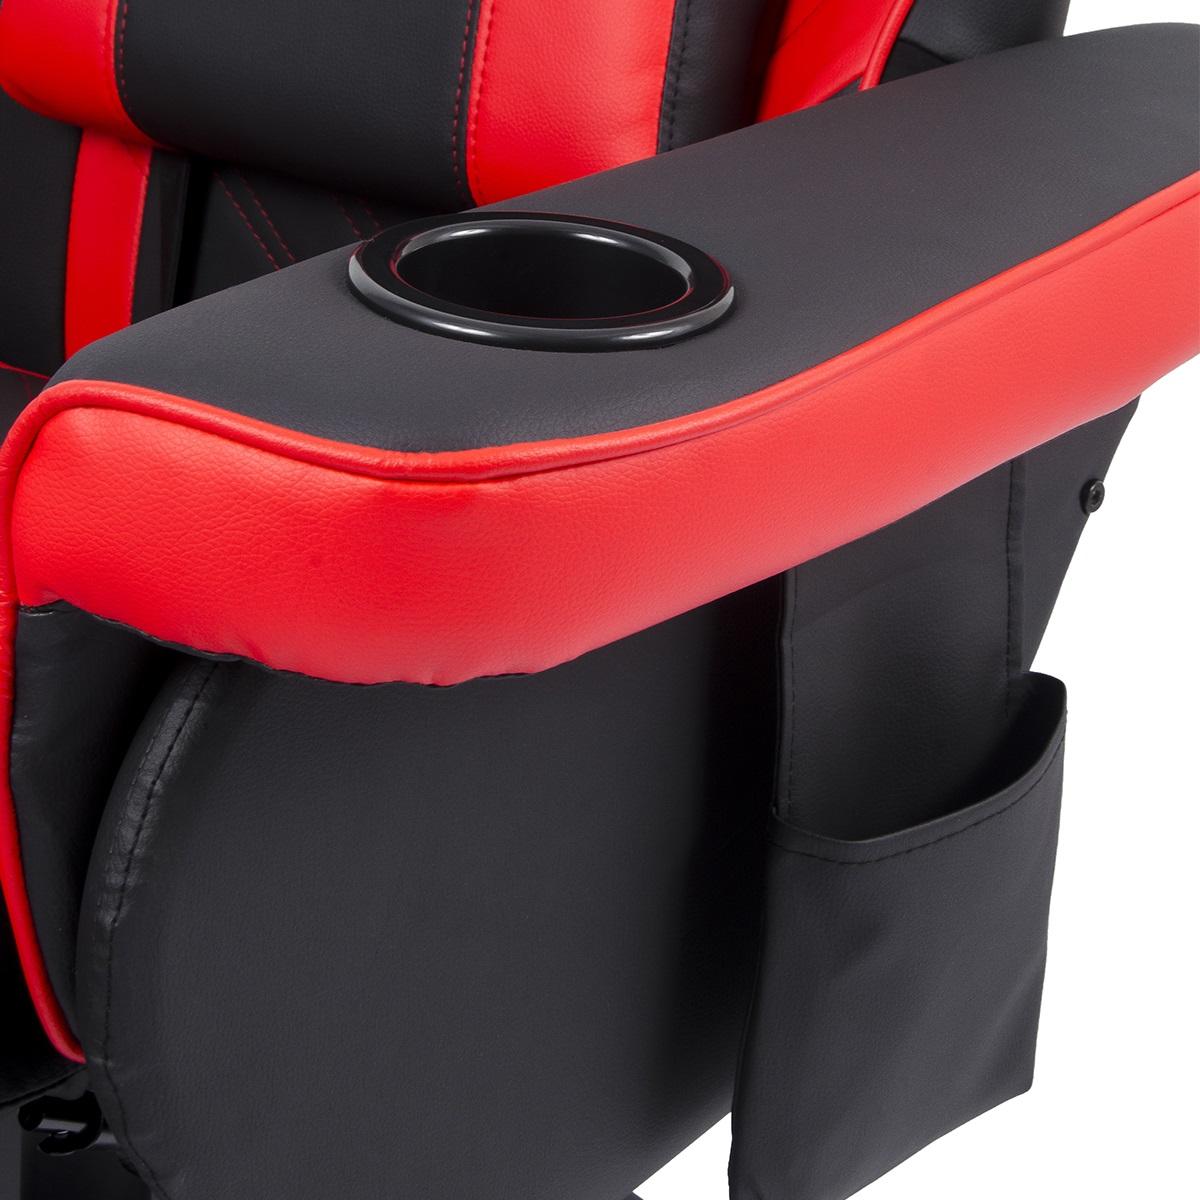 Cadeira Poltrona Gamer Pelegrin PEL-Y107 Couro PU Preta e Vermelha